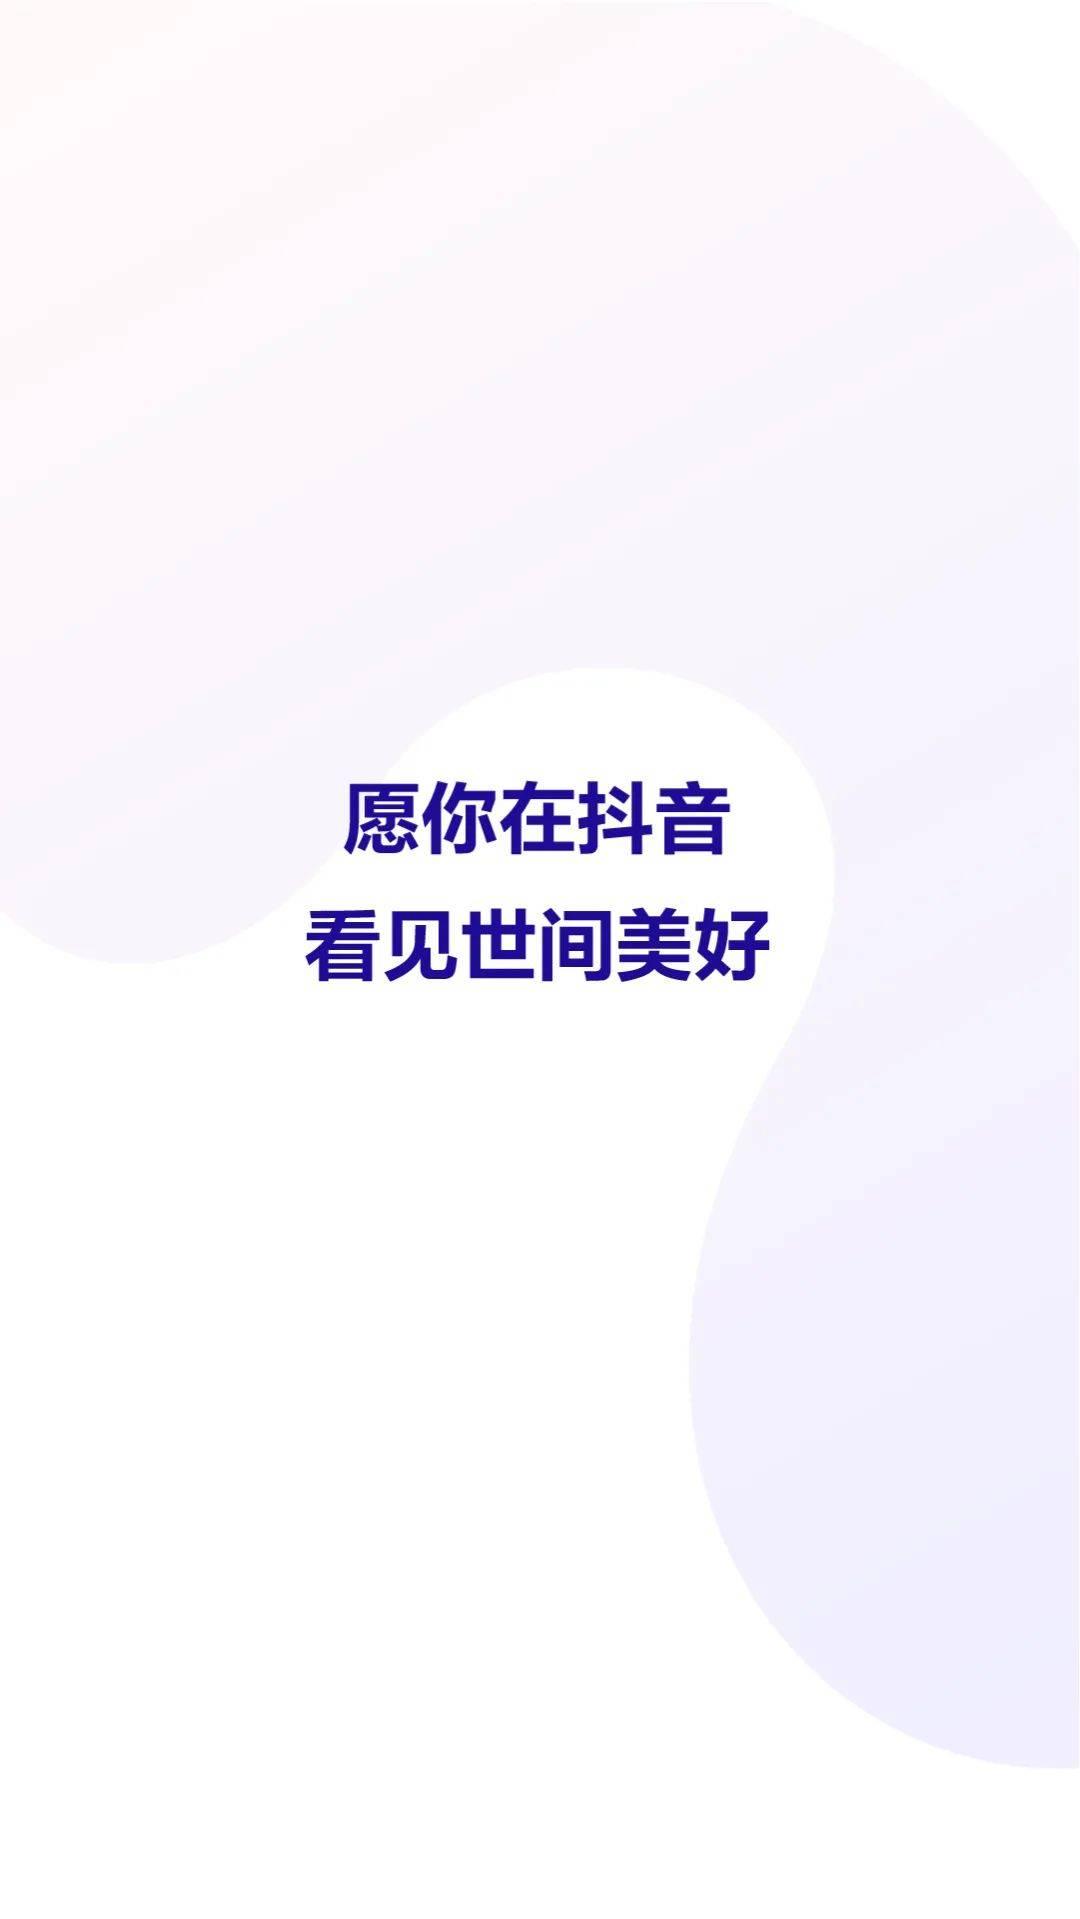 鸟哥笔记,行业动态,梅花网,互联网,抖音,行业动态